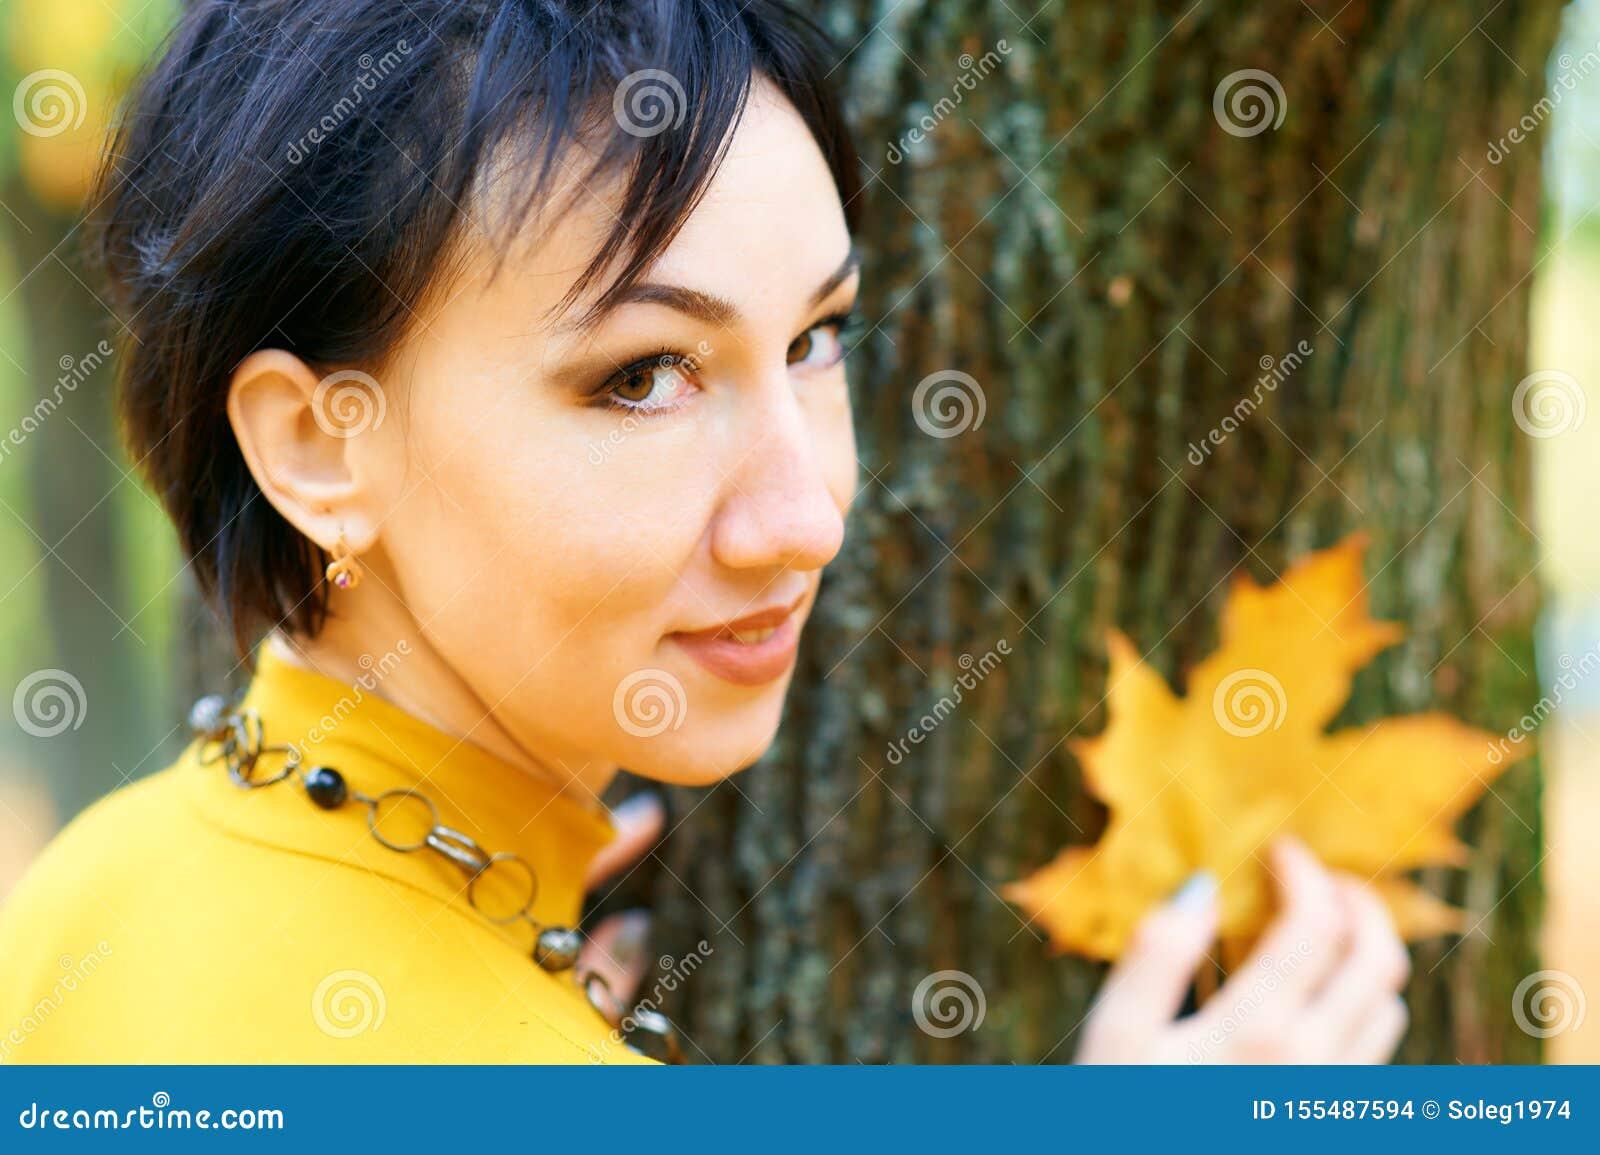 Piękna kobieta pozuje z żółtymi liśćmi w jesieni miasta parku, sezon jesienny